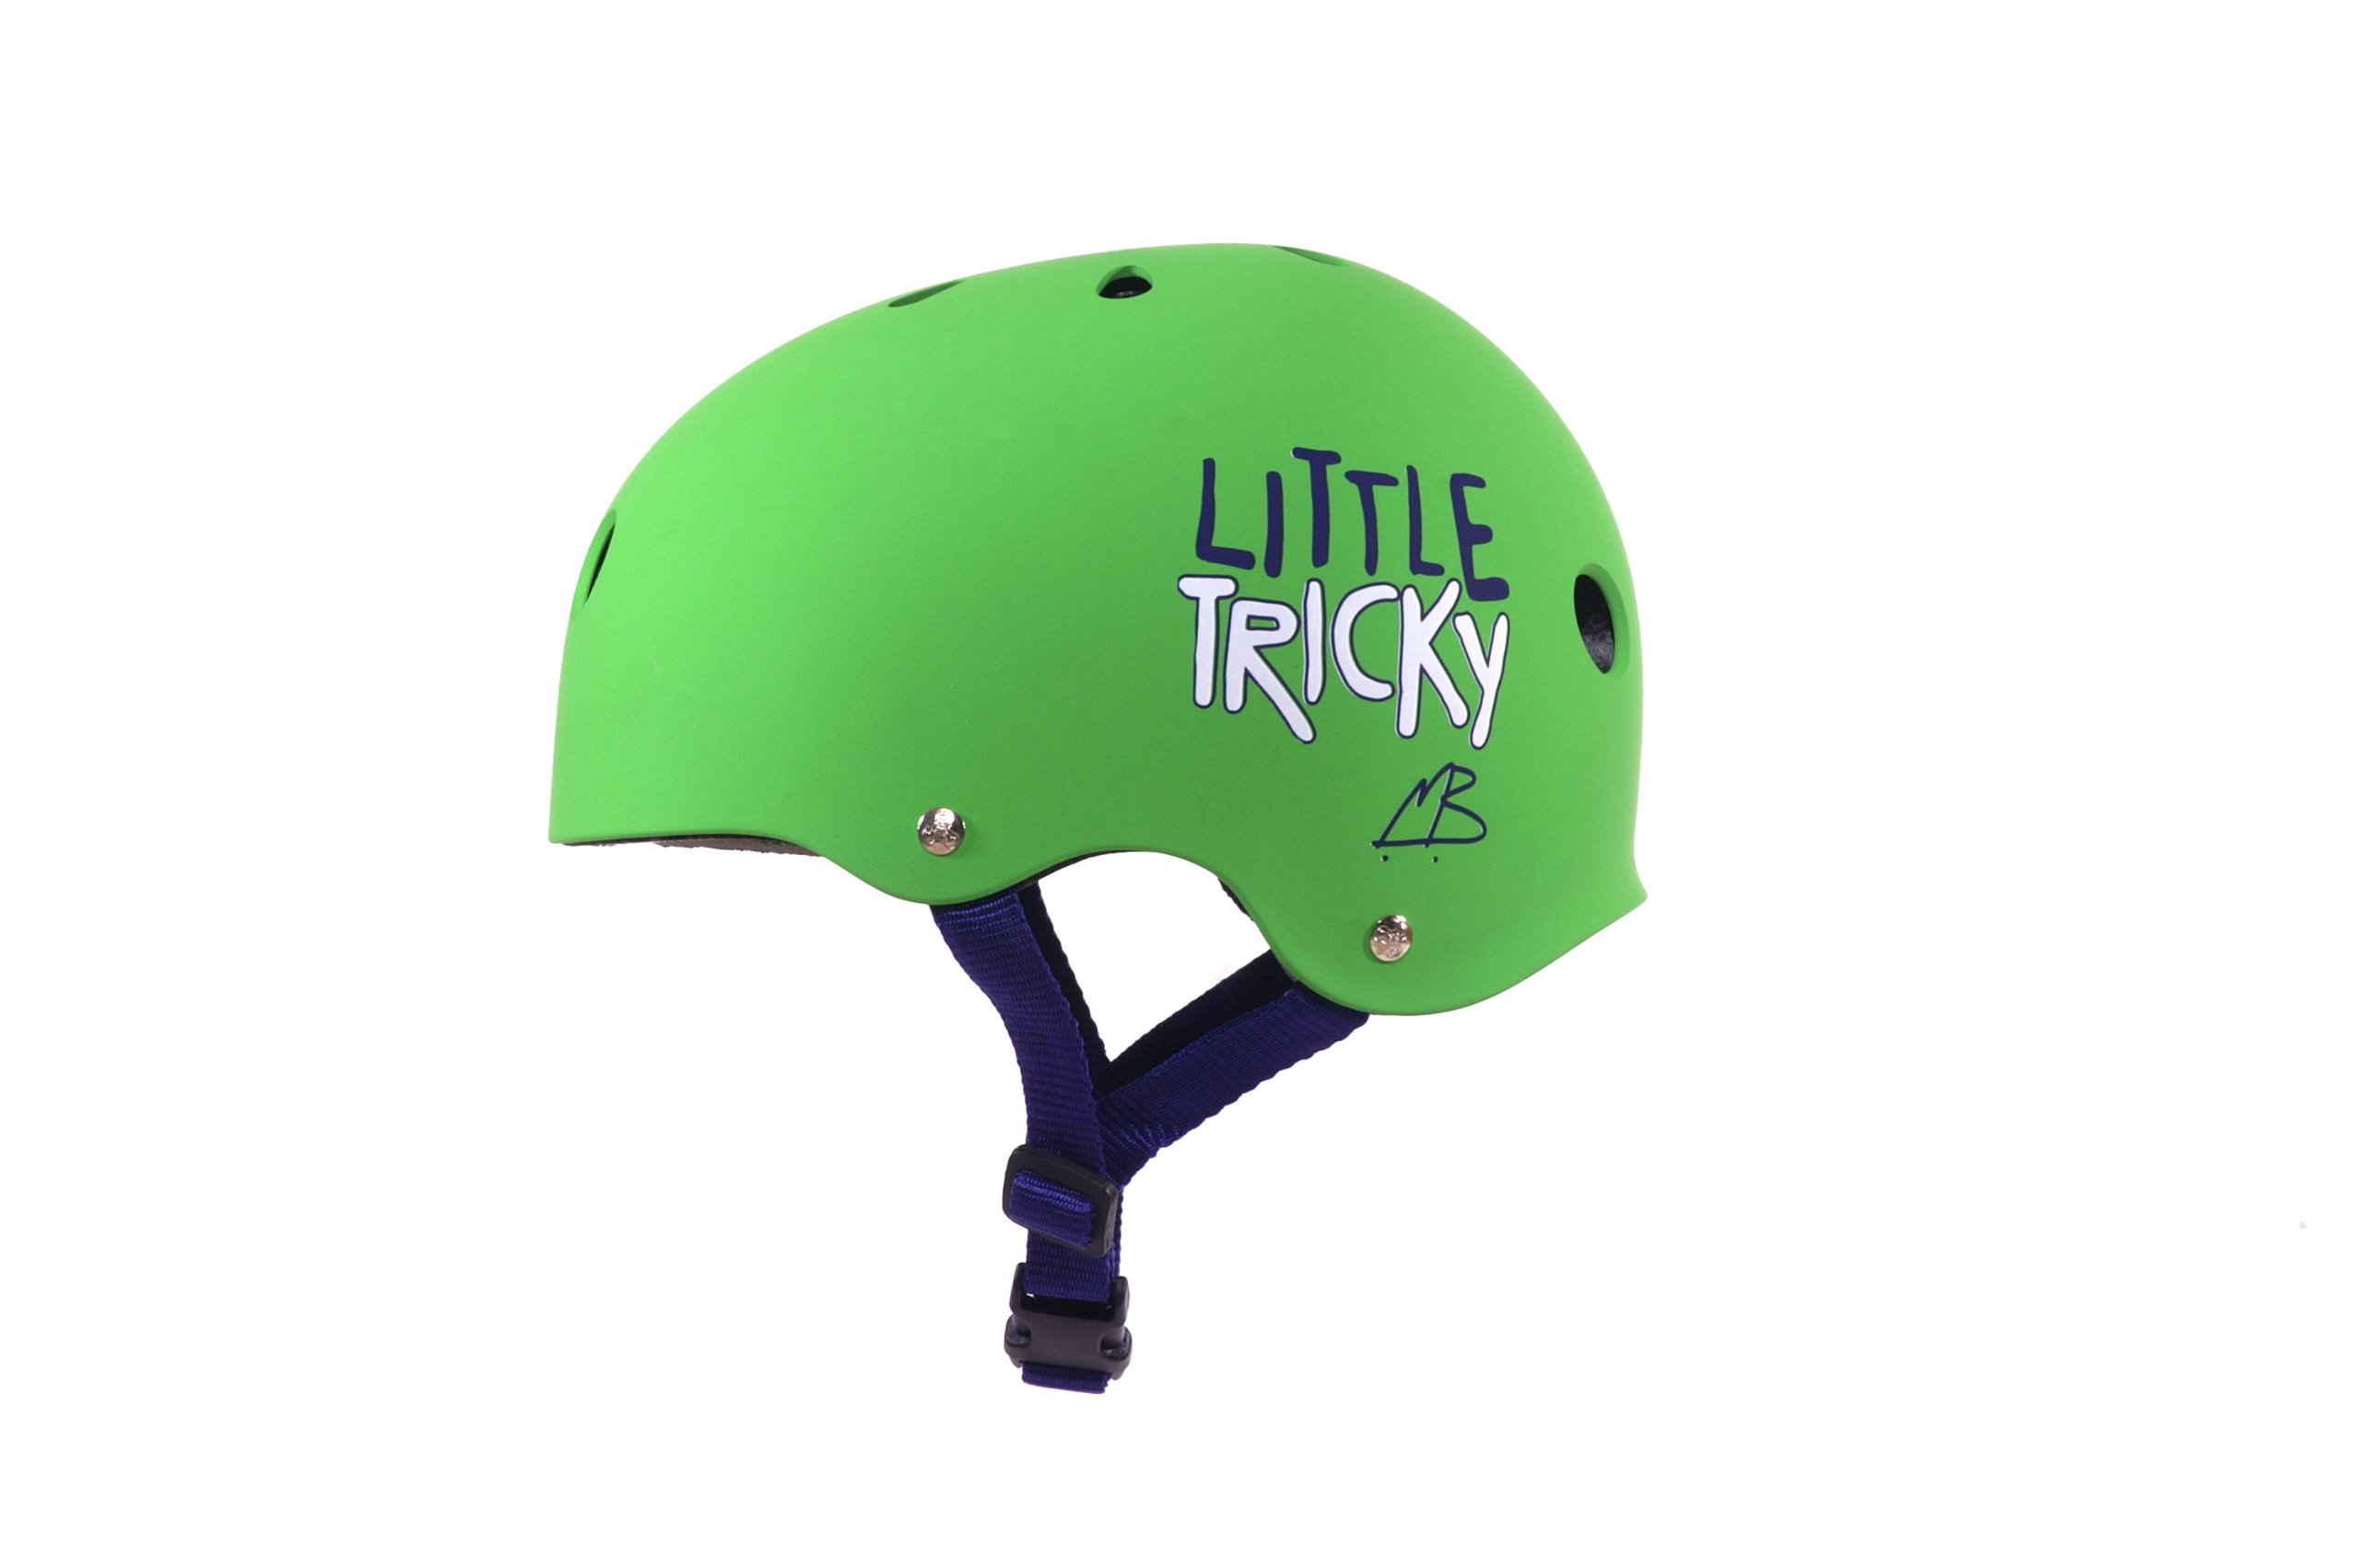 Triple Eight Little Tricky Dual Certified Sweatsaver Kids Skateboard and Bike Helmet, Green Glossy